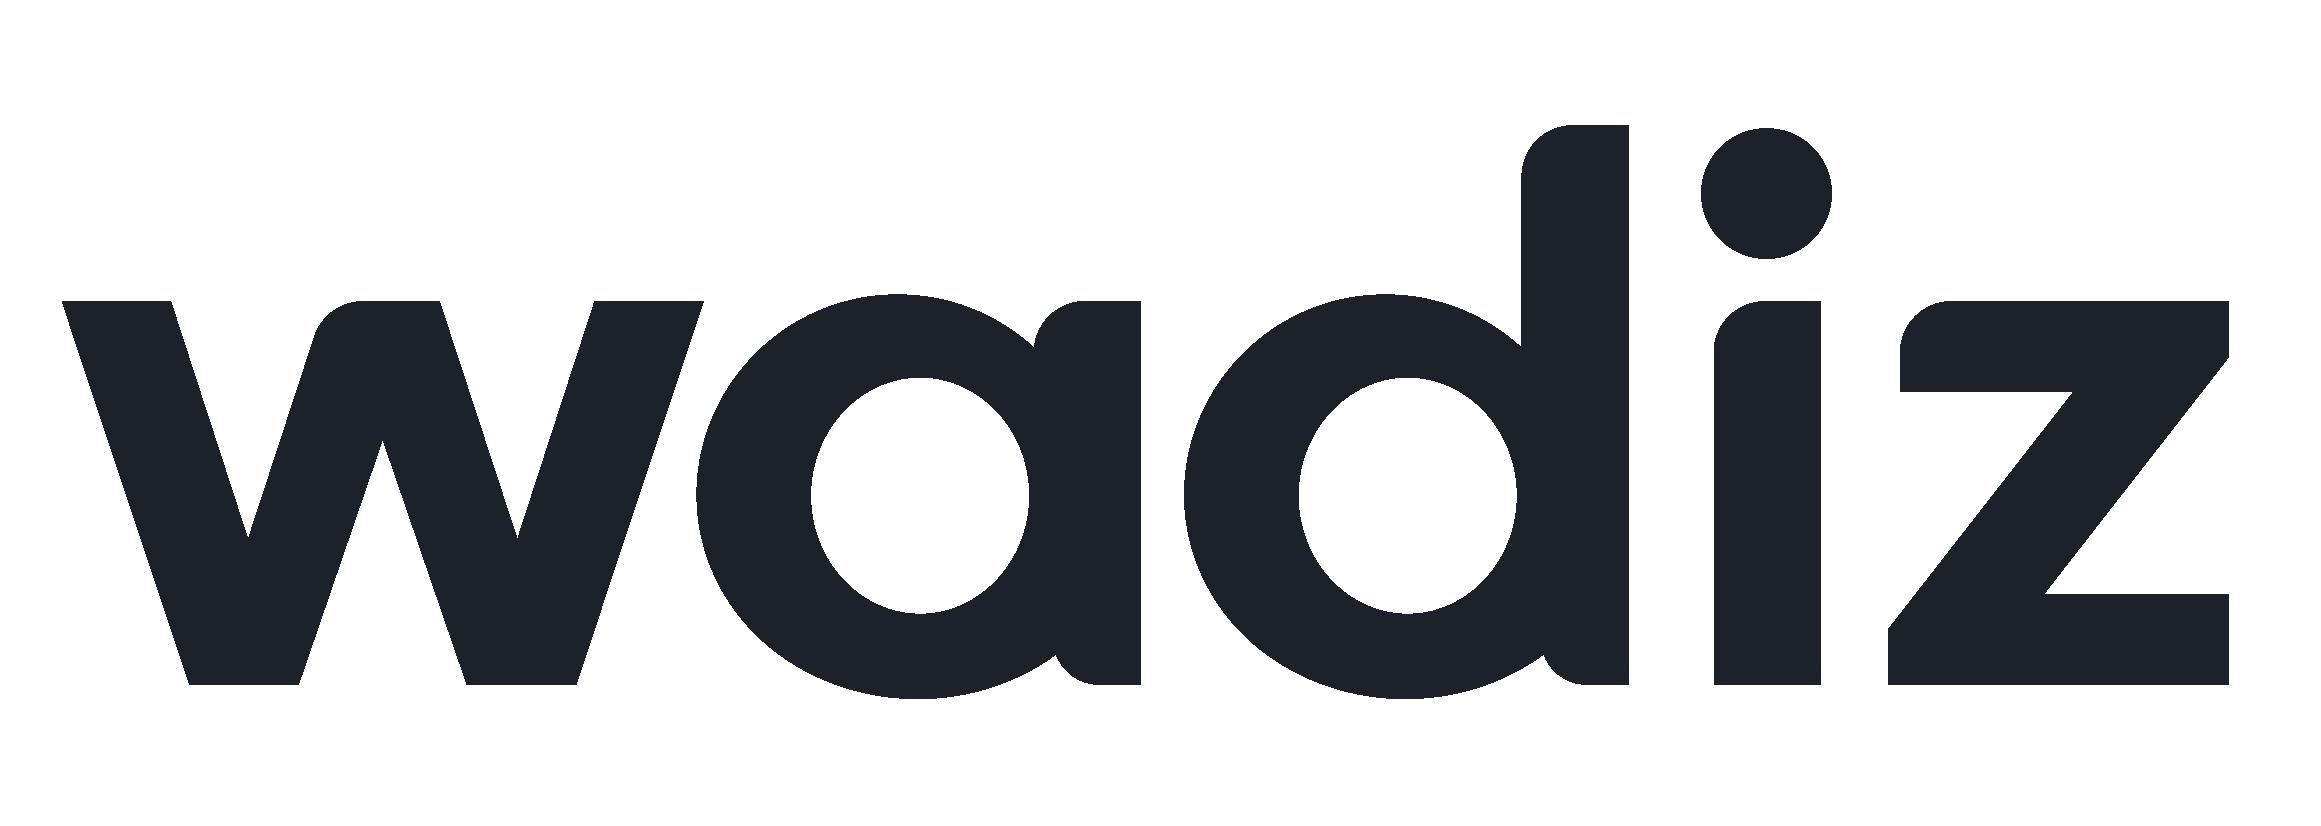 와디즈플랫폼(주)의 기업로고